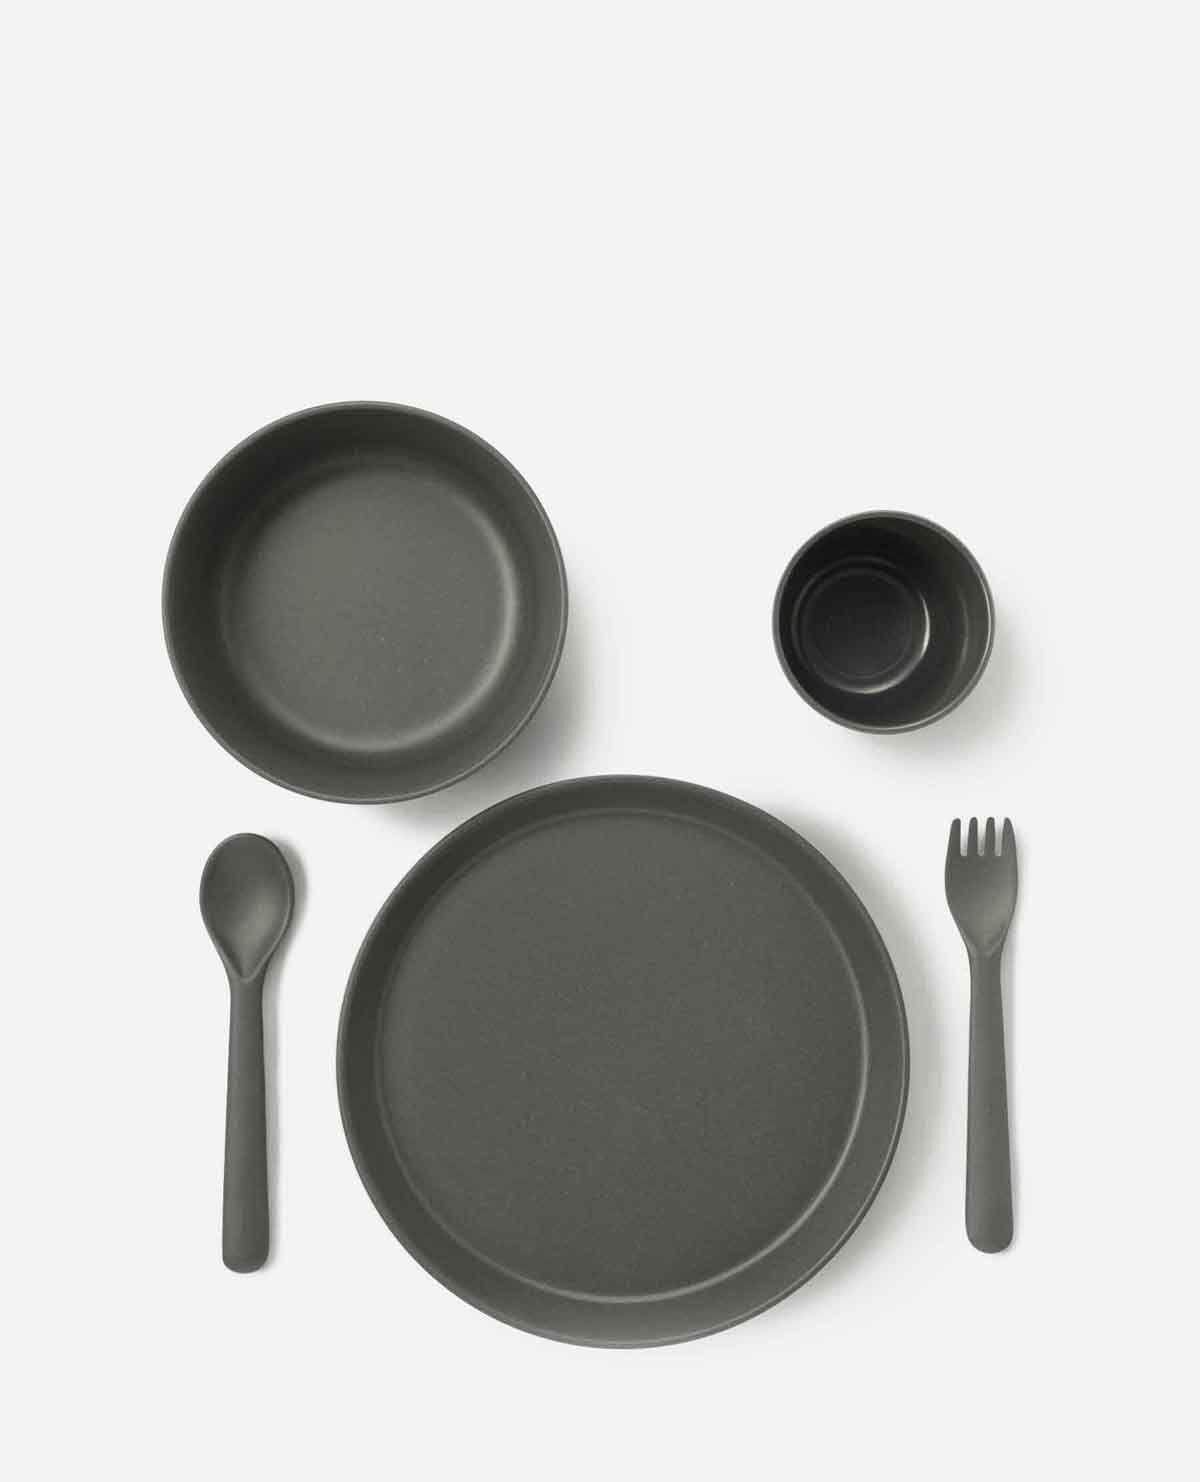 トドラー 食器 ギフトセット ダークブルーグレー